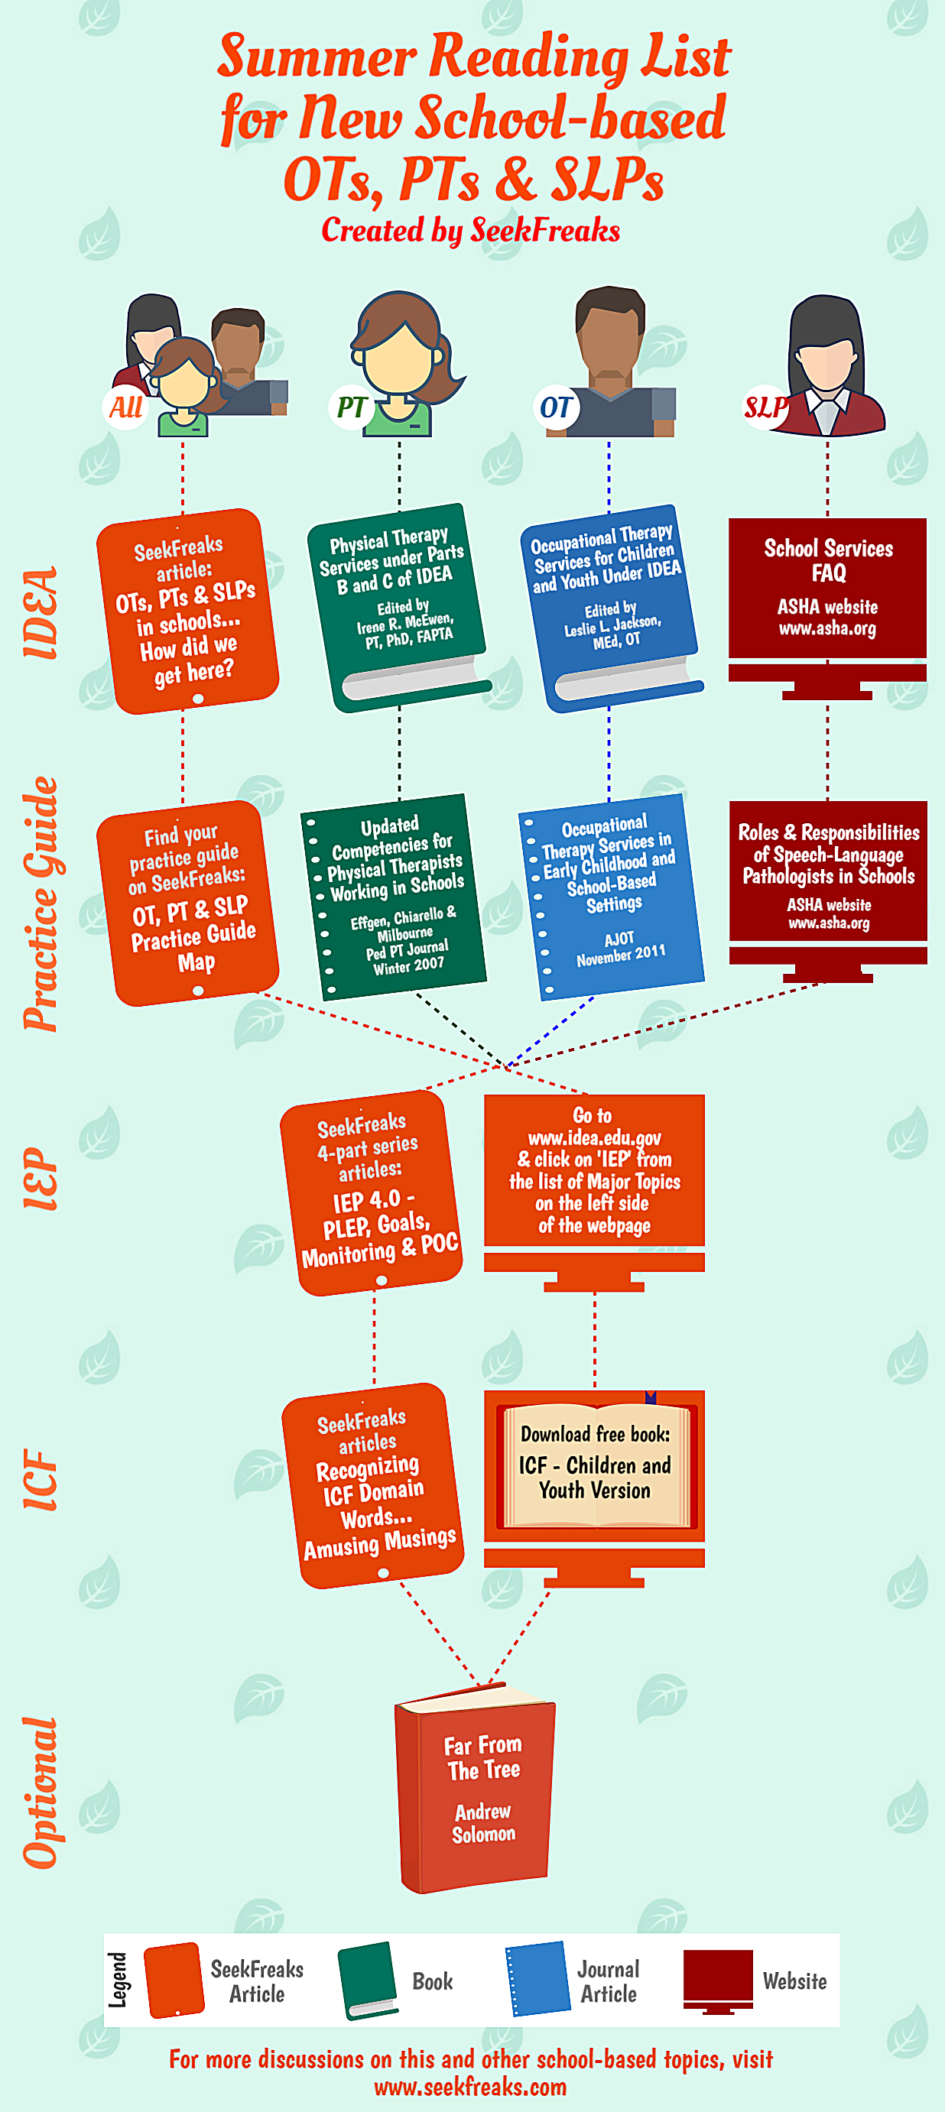 Summer Reading for New School-based OTs, PTs & SLPs | SeekFreaks